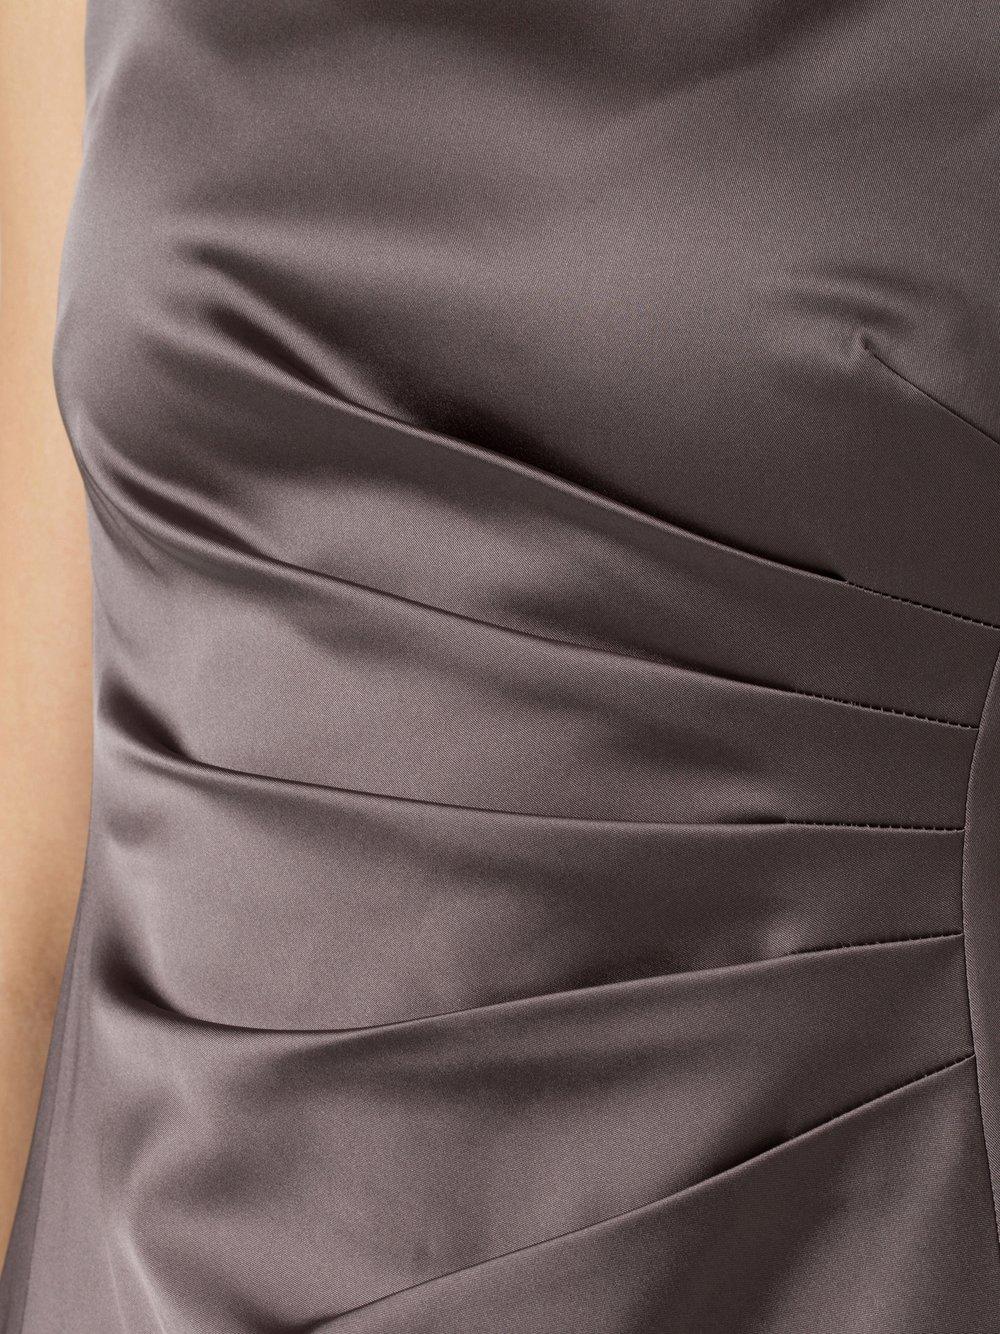 ambiance damen abendkleid schwarz